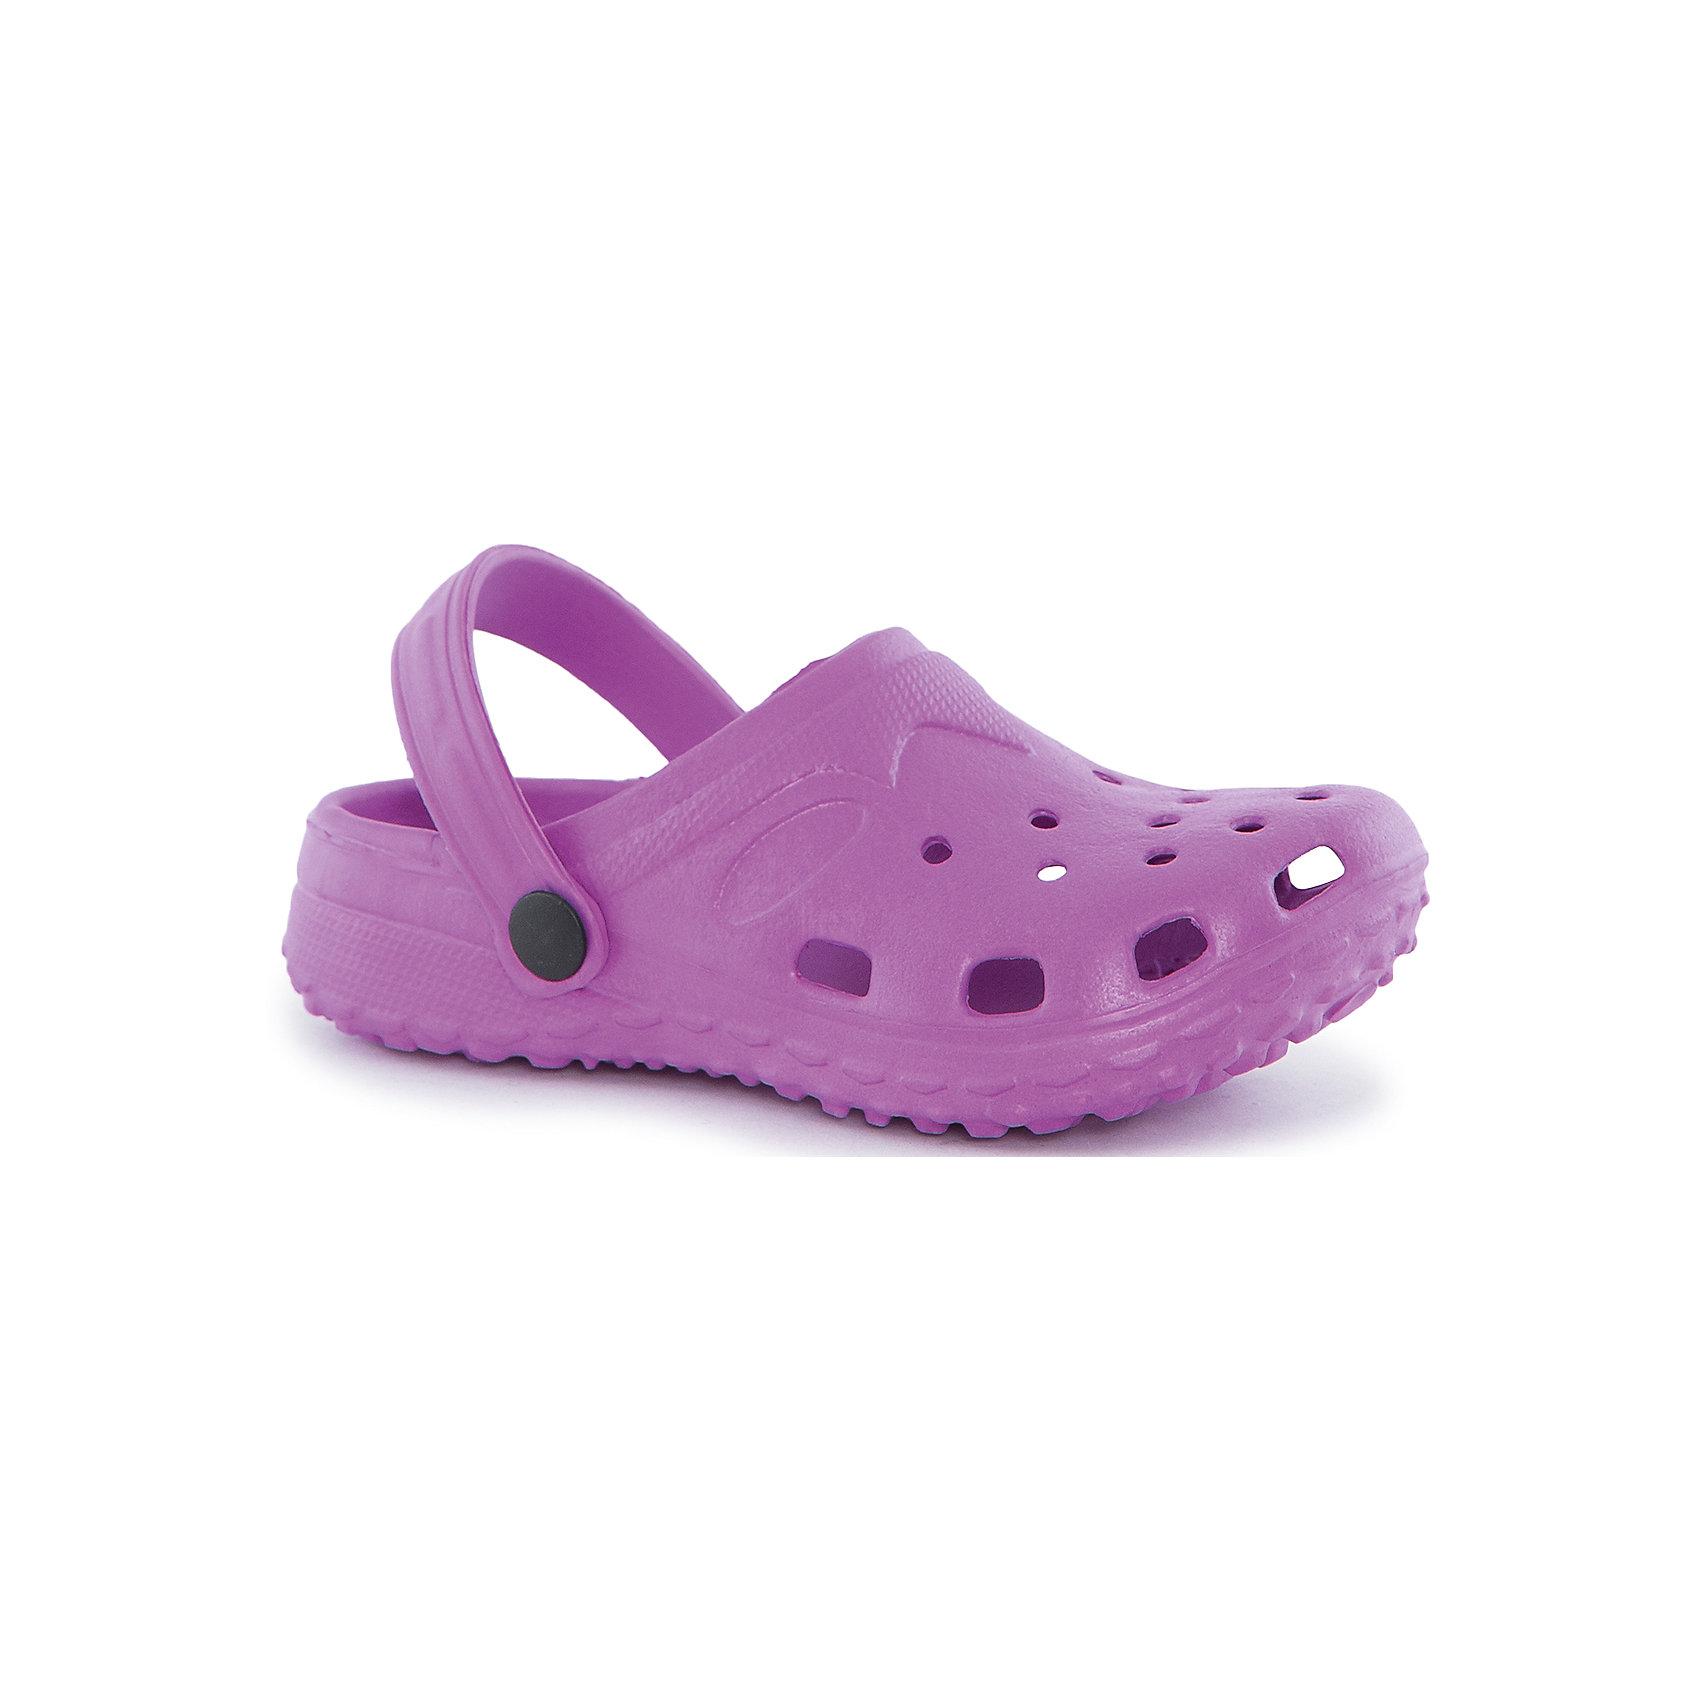 Сабо для девочки PlayTodayПляжная обувь<br>Пантолеты для девочки PlayToday <br><br>Состав: 100% этилвинилацетат <br><br>Яркий розовый цвет<br>Материал верха и подкладки - текстиль<br>Резиновая подошва с рифлением<br>Очень легкие<br><br>Ширина мм: 225<br>Глубина мм: 139<br>Высота мм: 112<br>Вес г: 290<br>Цвет: розовый<br>Возраст от месяцев: 36<br>Возраст до месяцев: 48<br>Пол: Женский<br>Возраст: Детский<br>Размер: 27,25,28,26,22,24,23<br>SKU: 4507973